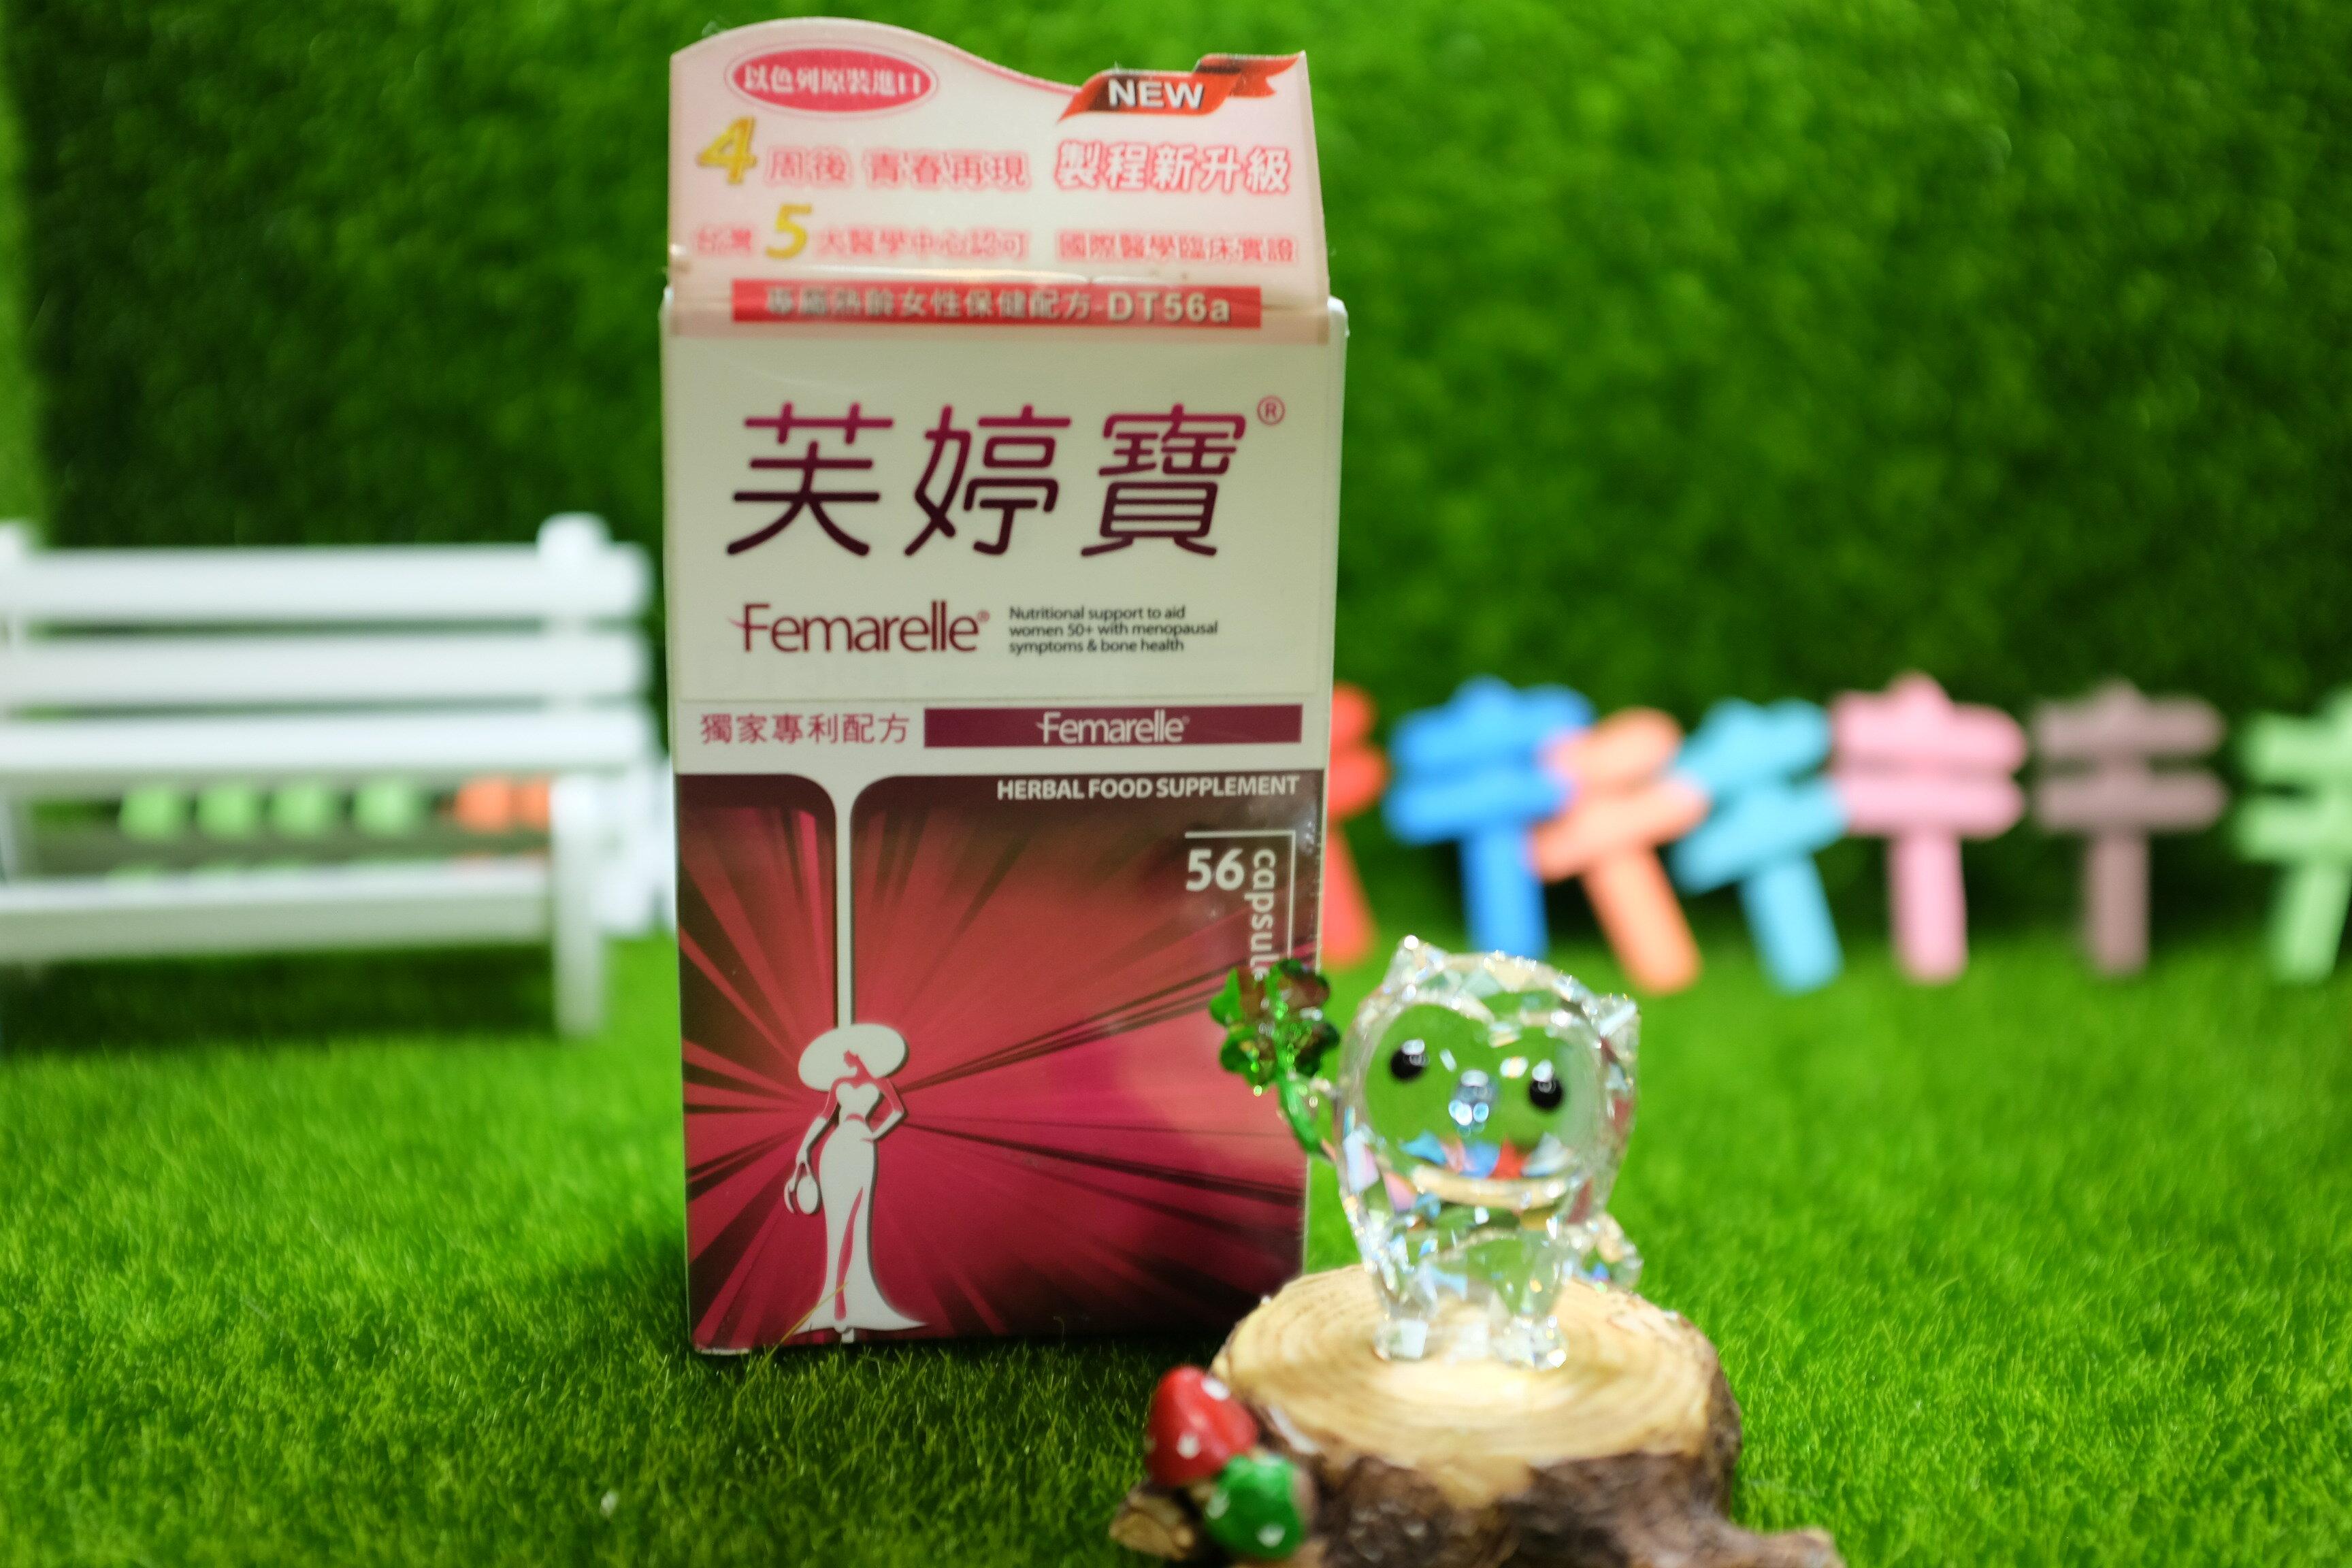 台灣公司貨#芙婷寶 膠囊 56顆#(植物複方保健食品 Femarelle另售芙嘉寶)